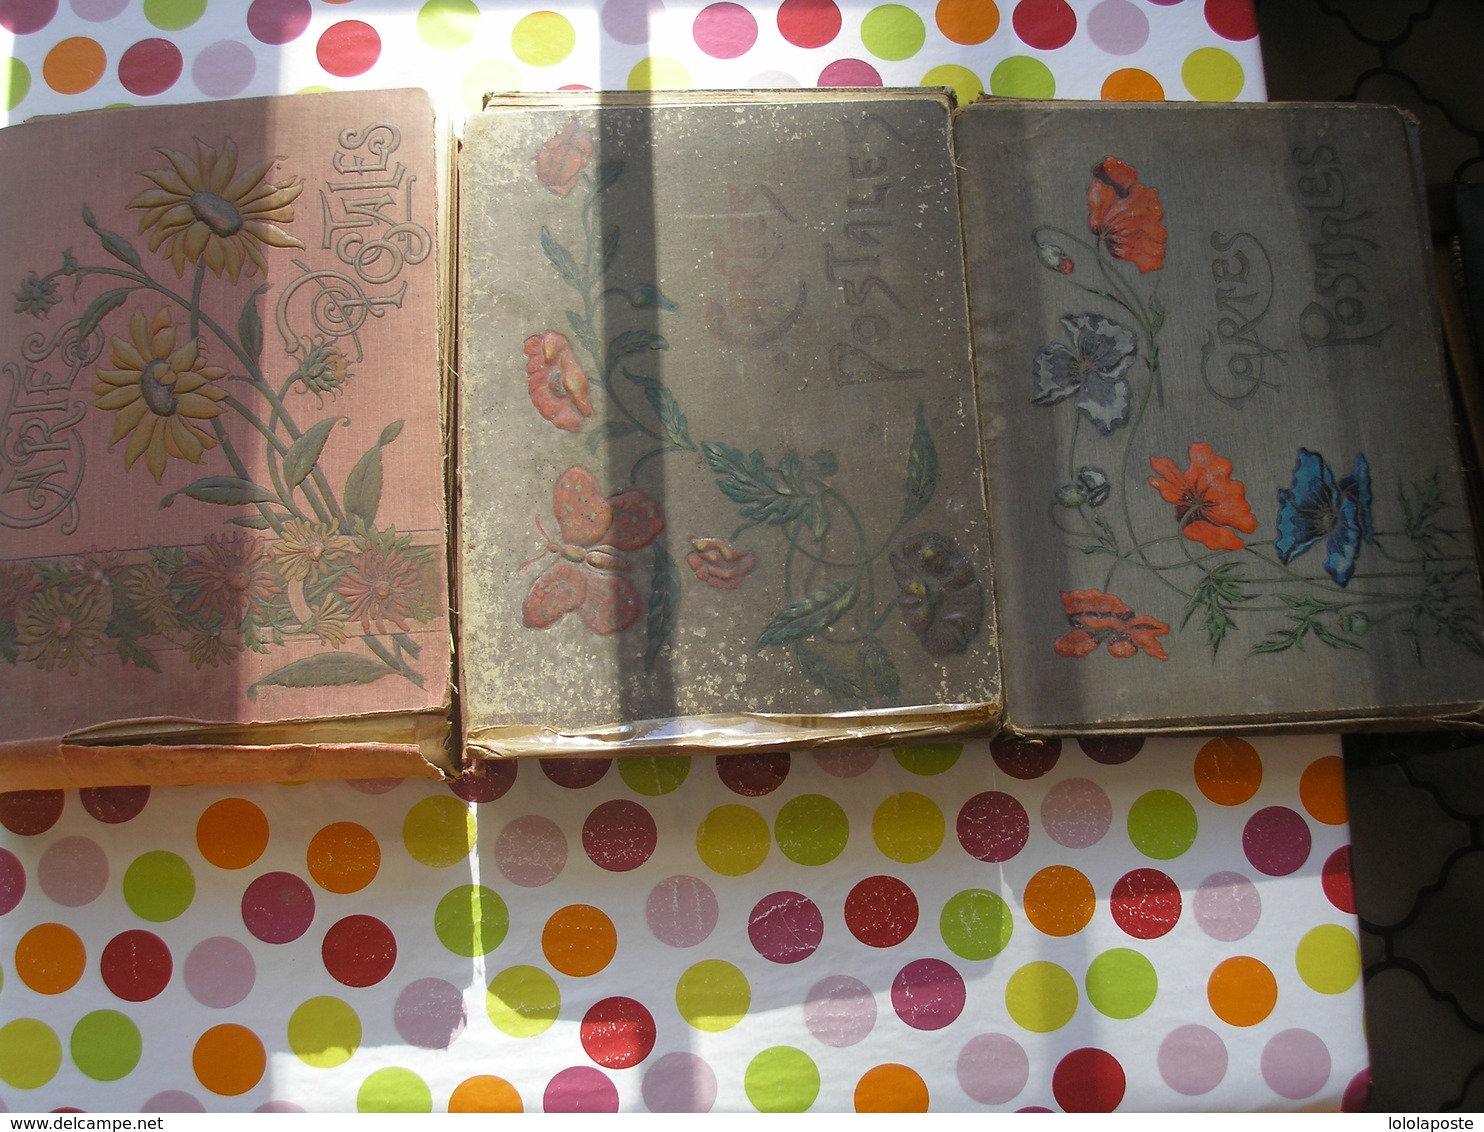 3 Viels Albums De Cartes Postales Dont Les Couvertures Et Reliures Abimées Pouvant Contenir Eniron 500 Cartes Chacun - Supplies And Equipment